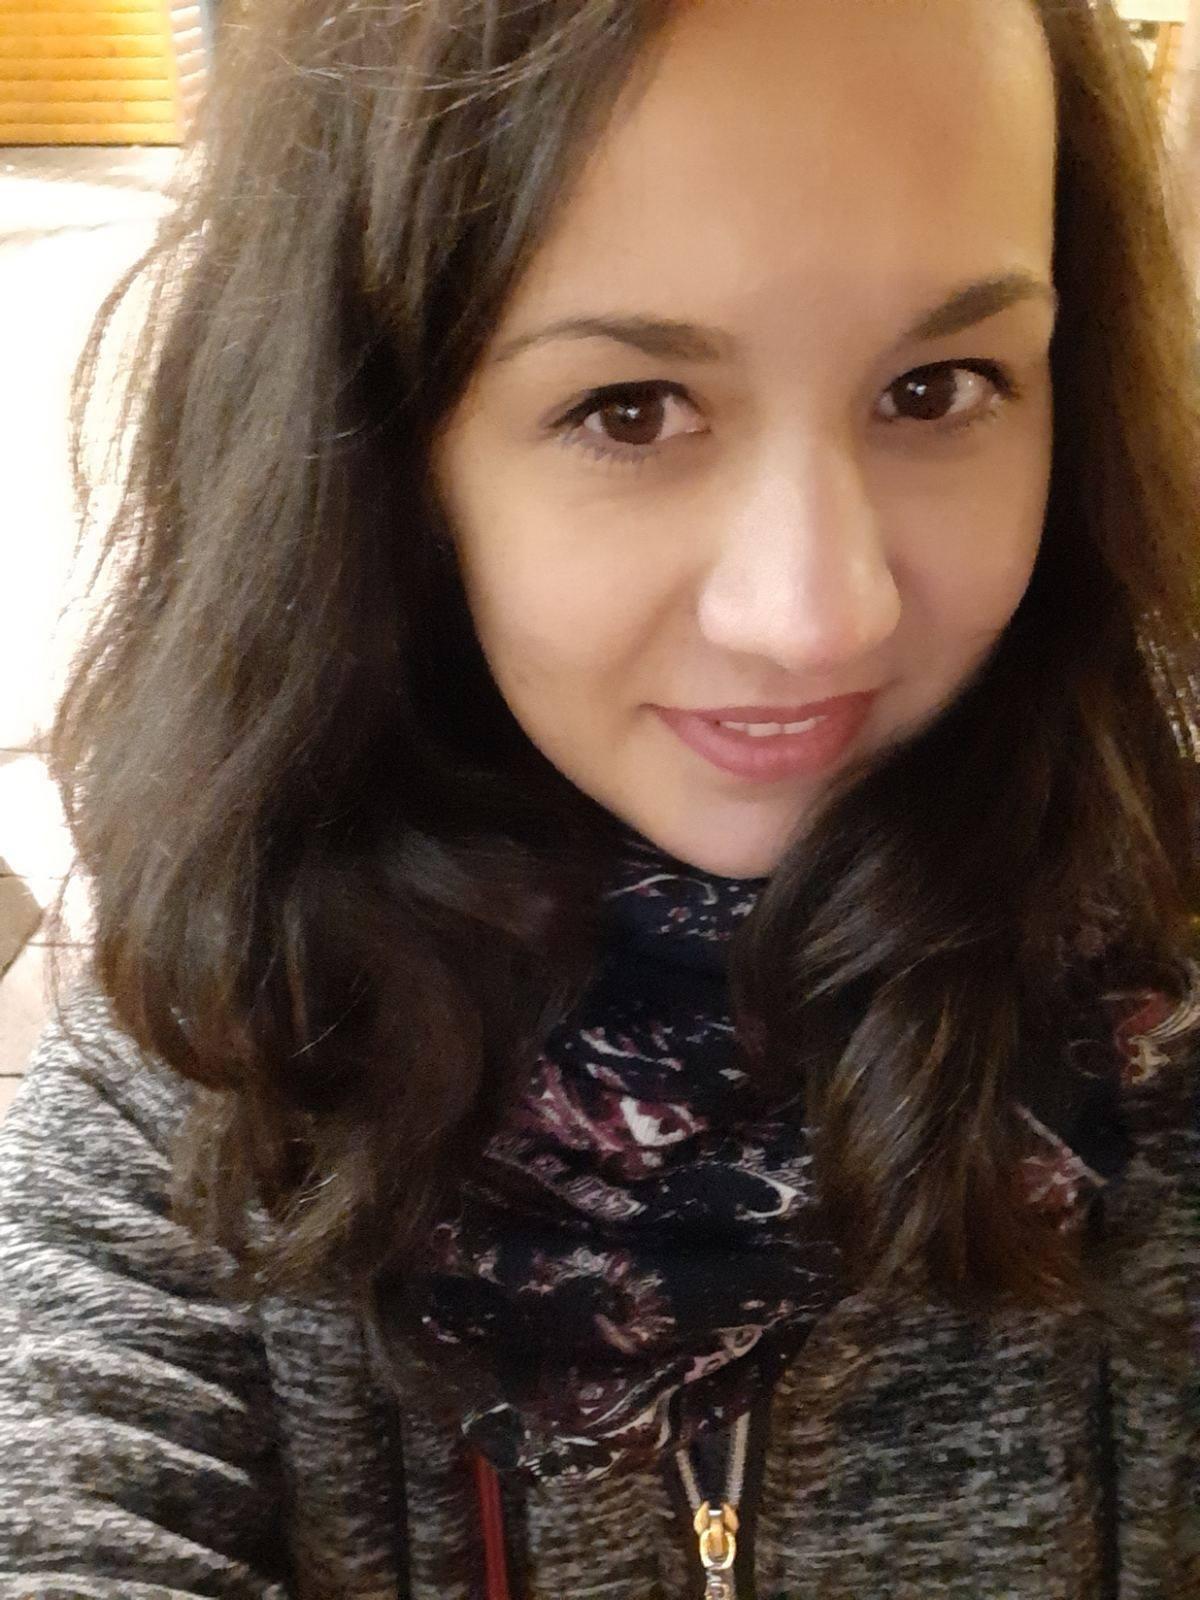 Коли синові виповнилося 4 місяці, Оксана вирушила до Європи на заробітки